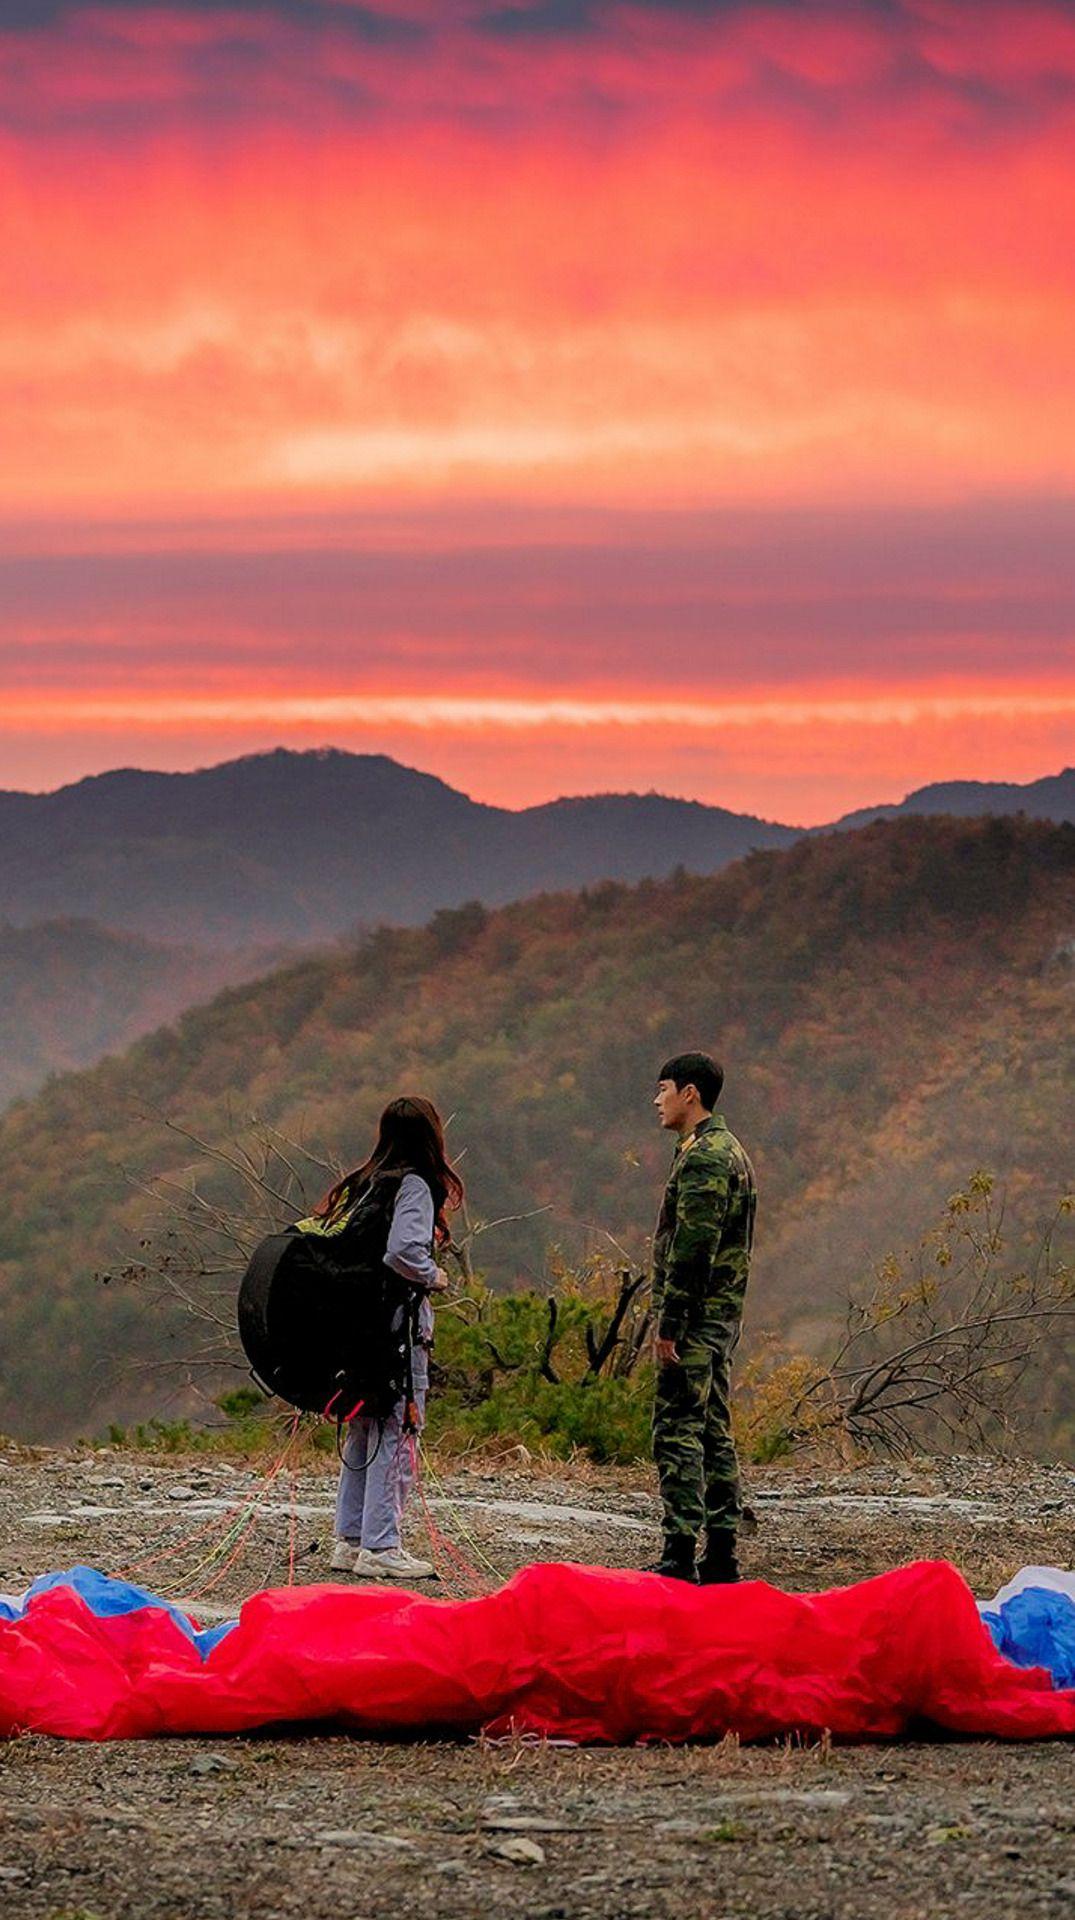 Crash Landing On You Episode 16 Sub Indo : crash, landing, episode, Delisi, Crash, Landing, Lockscreens, Korean, Drama, Best,